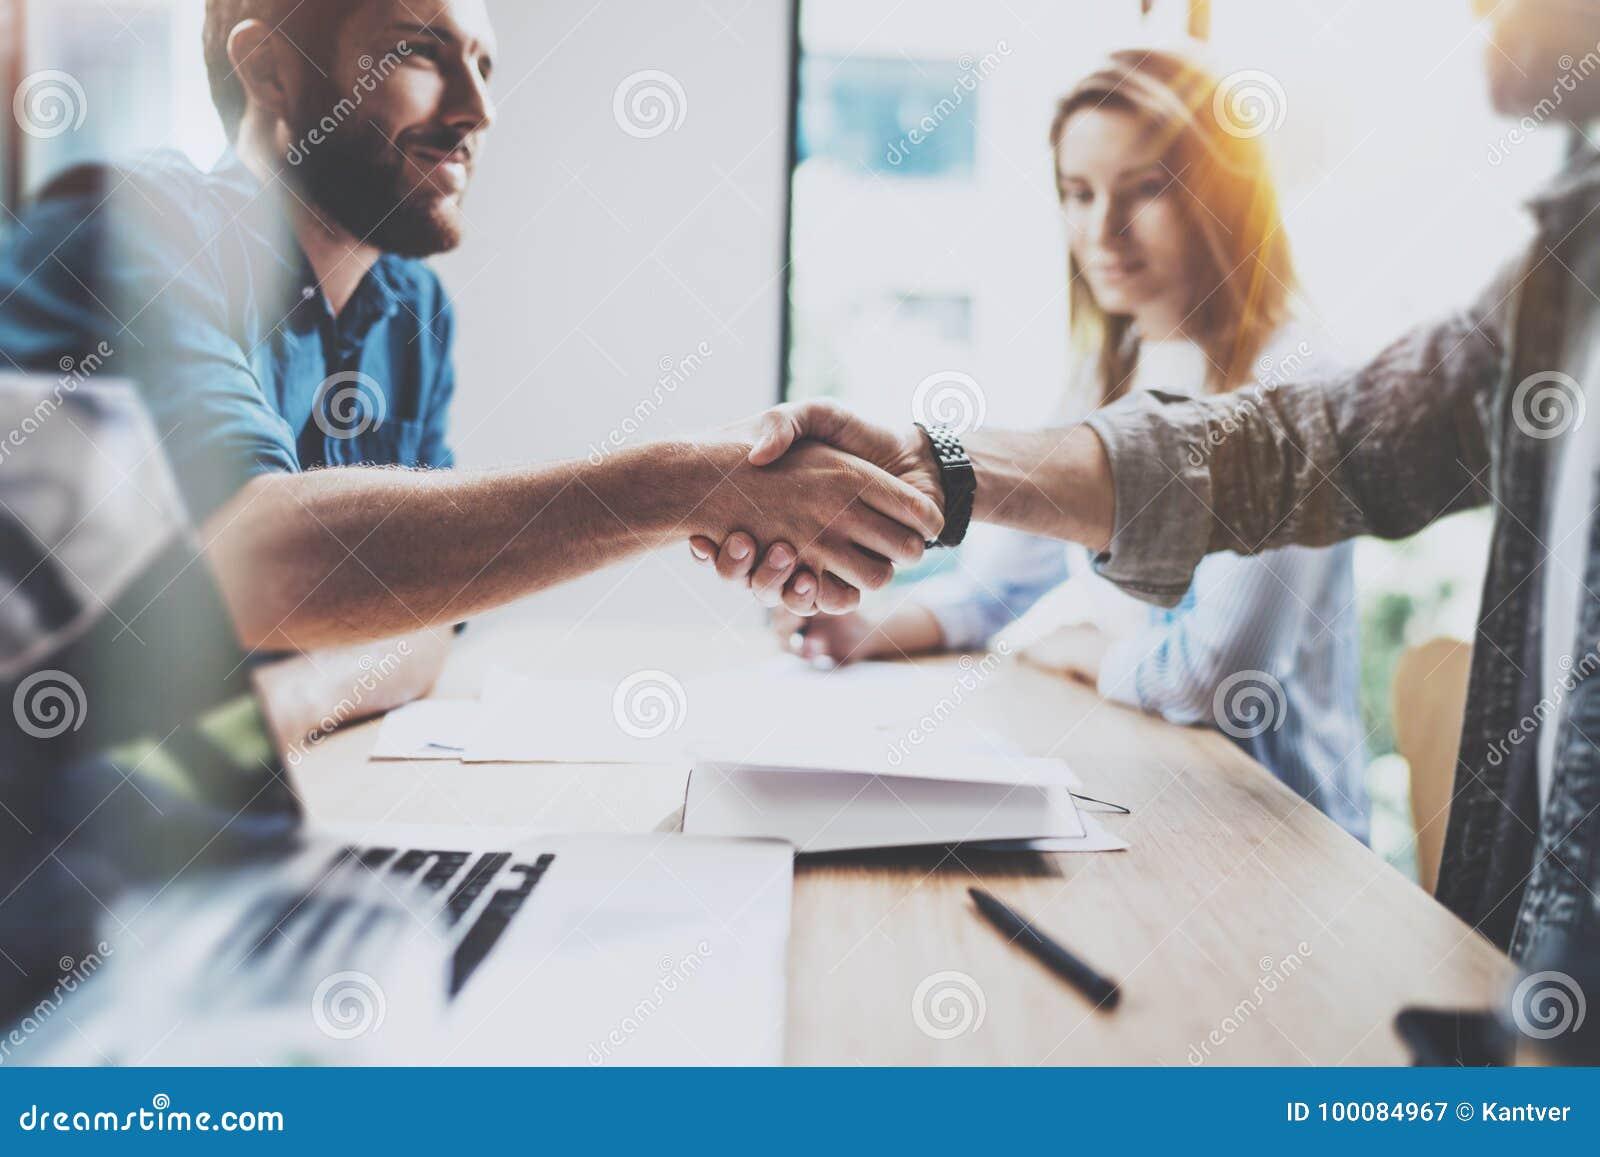 企业男性合作握手概念 照片两工友握手过程 在巨大会议以后的成功的成交